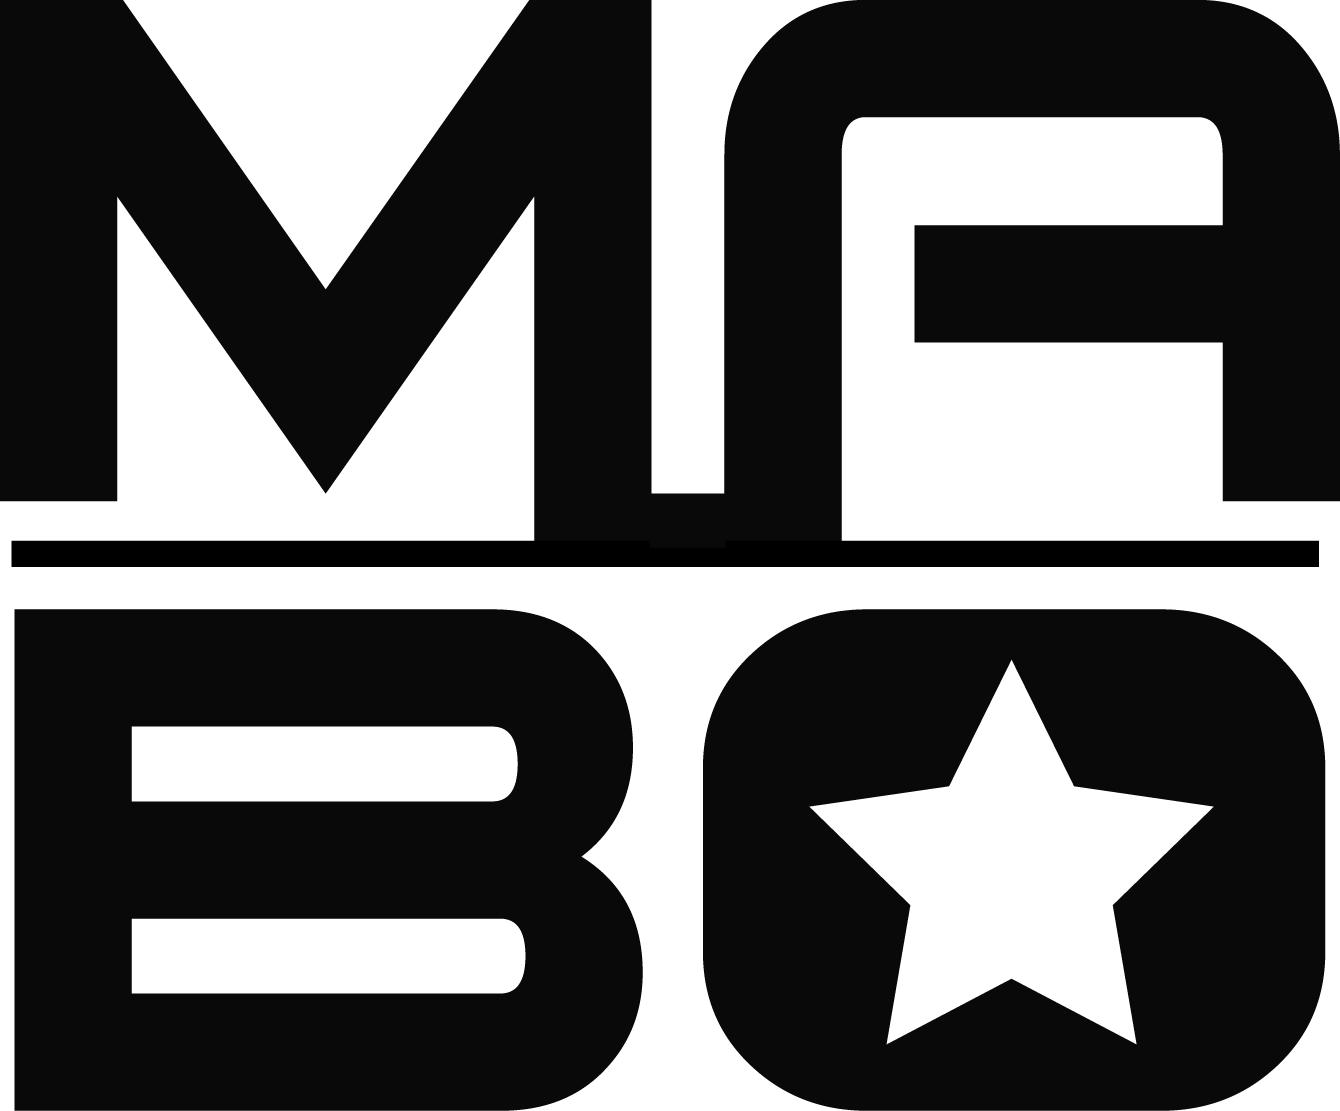 MABO-LOGO-NEUTRO